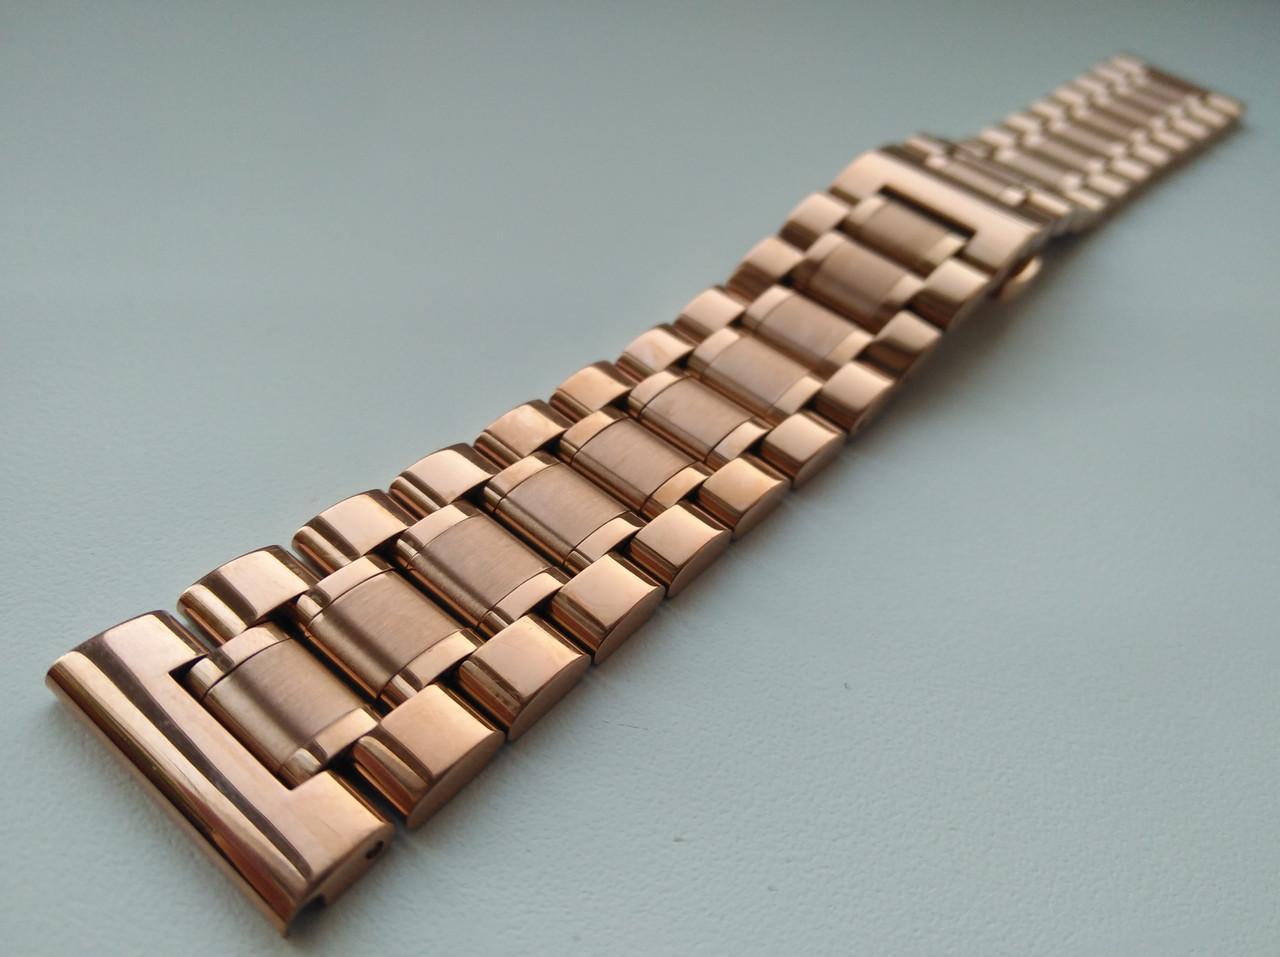 Браслет для часов из нержавеющей стали 316L, розовое золото, литой, мат/глянец, прямое/заокругленное ок. 22 мм